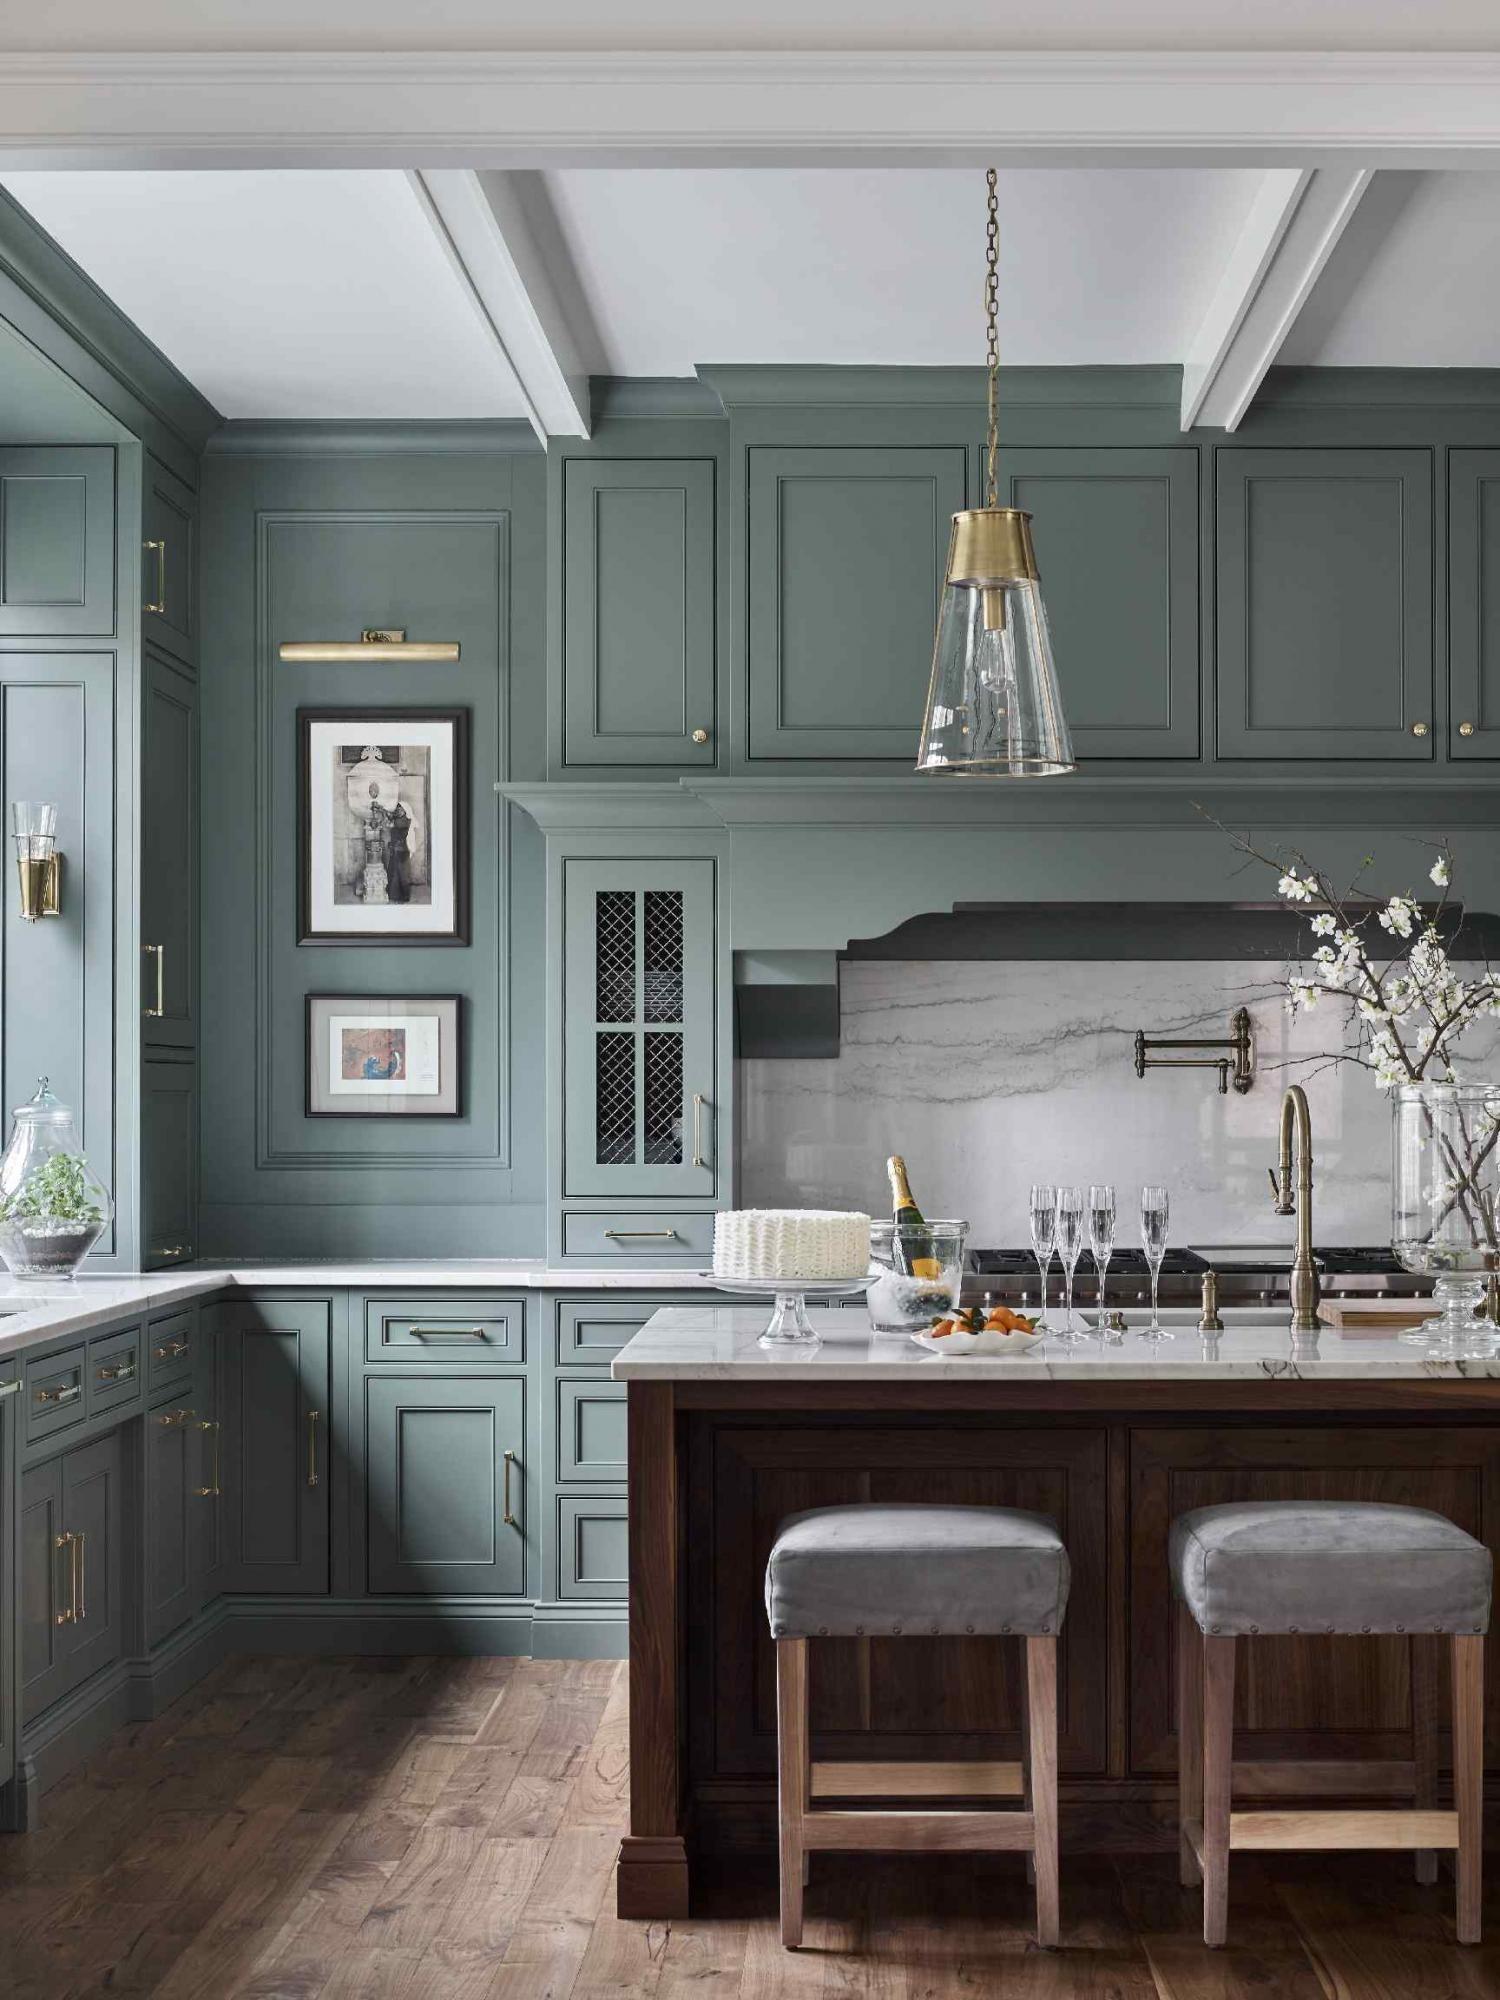 green day in 2020 green kitchen designs kitchen trends interior design kitchen on kitchen interior green id=22733